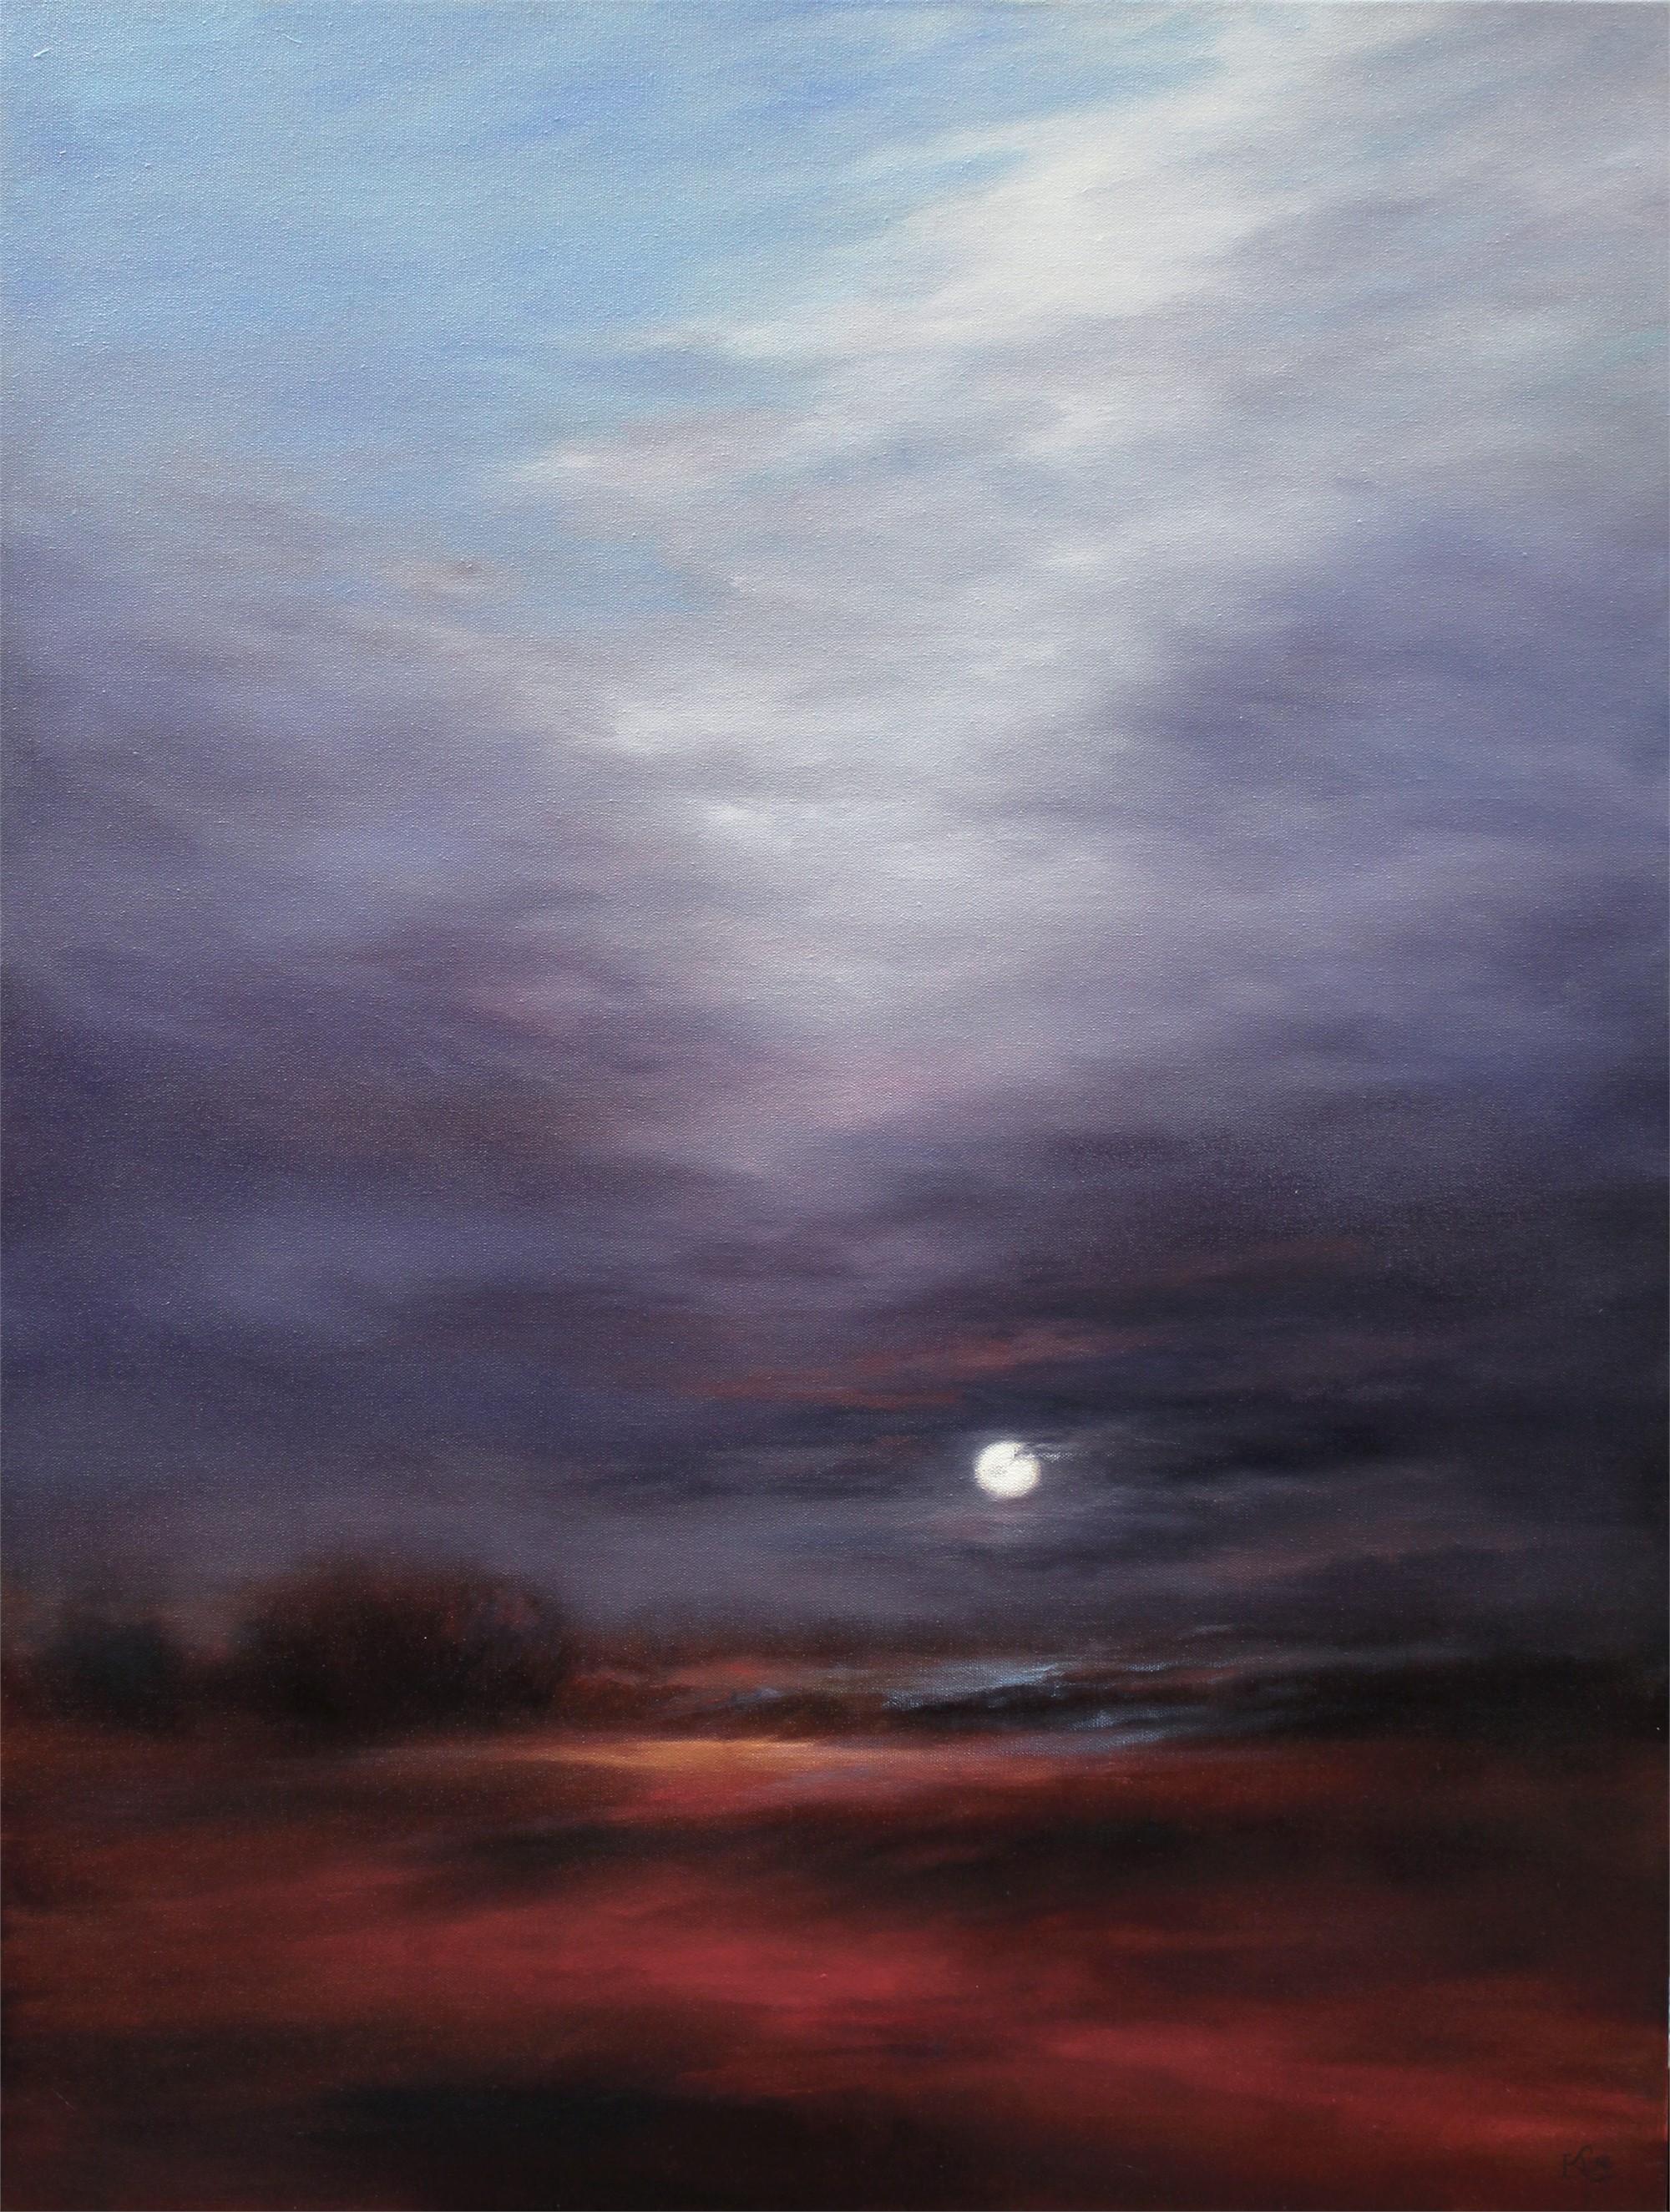 Luna II by Cheryl Kline